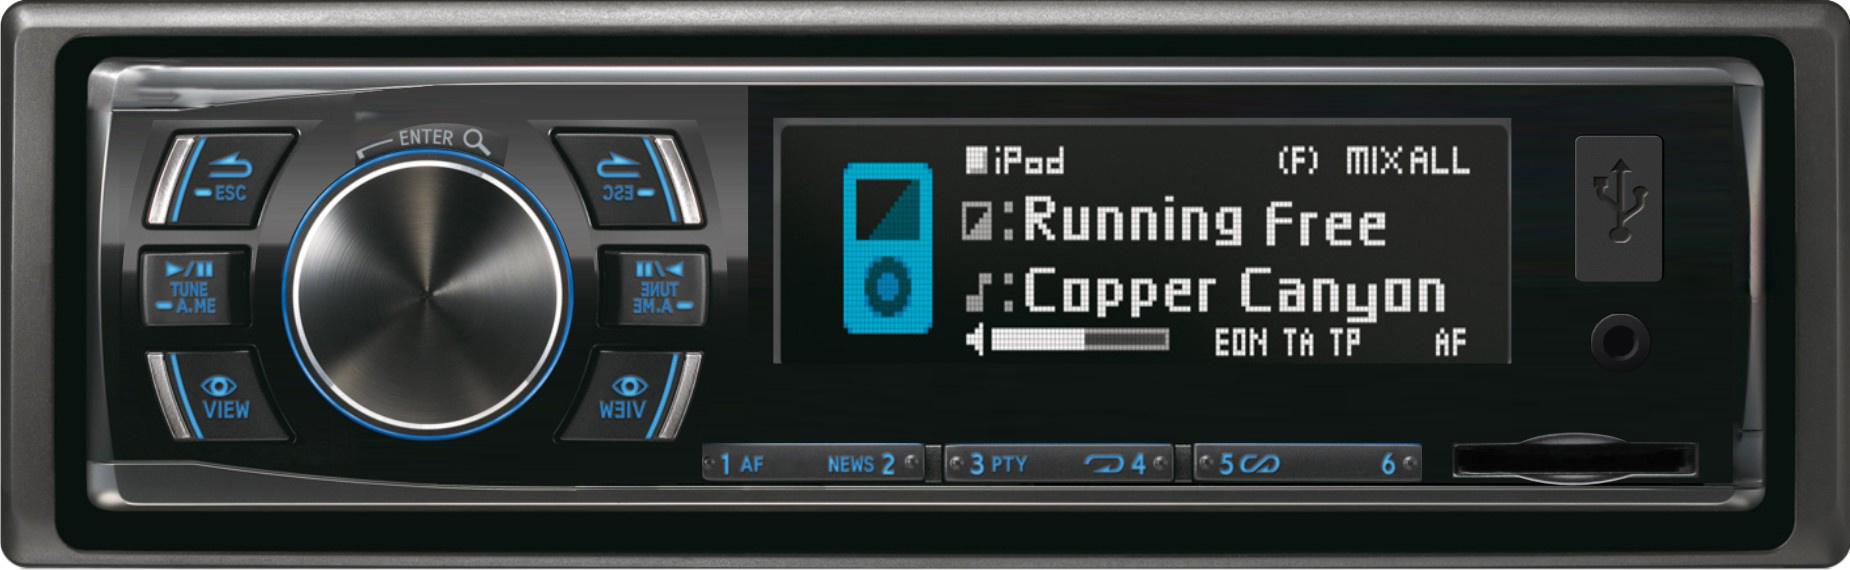 Universal Remote Control Car Alarm